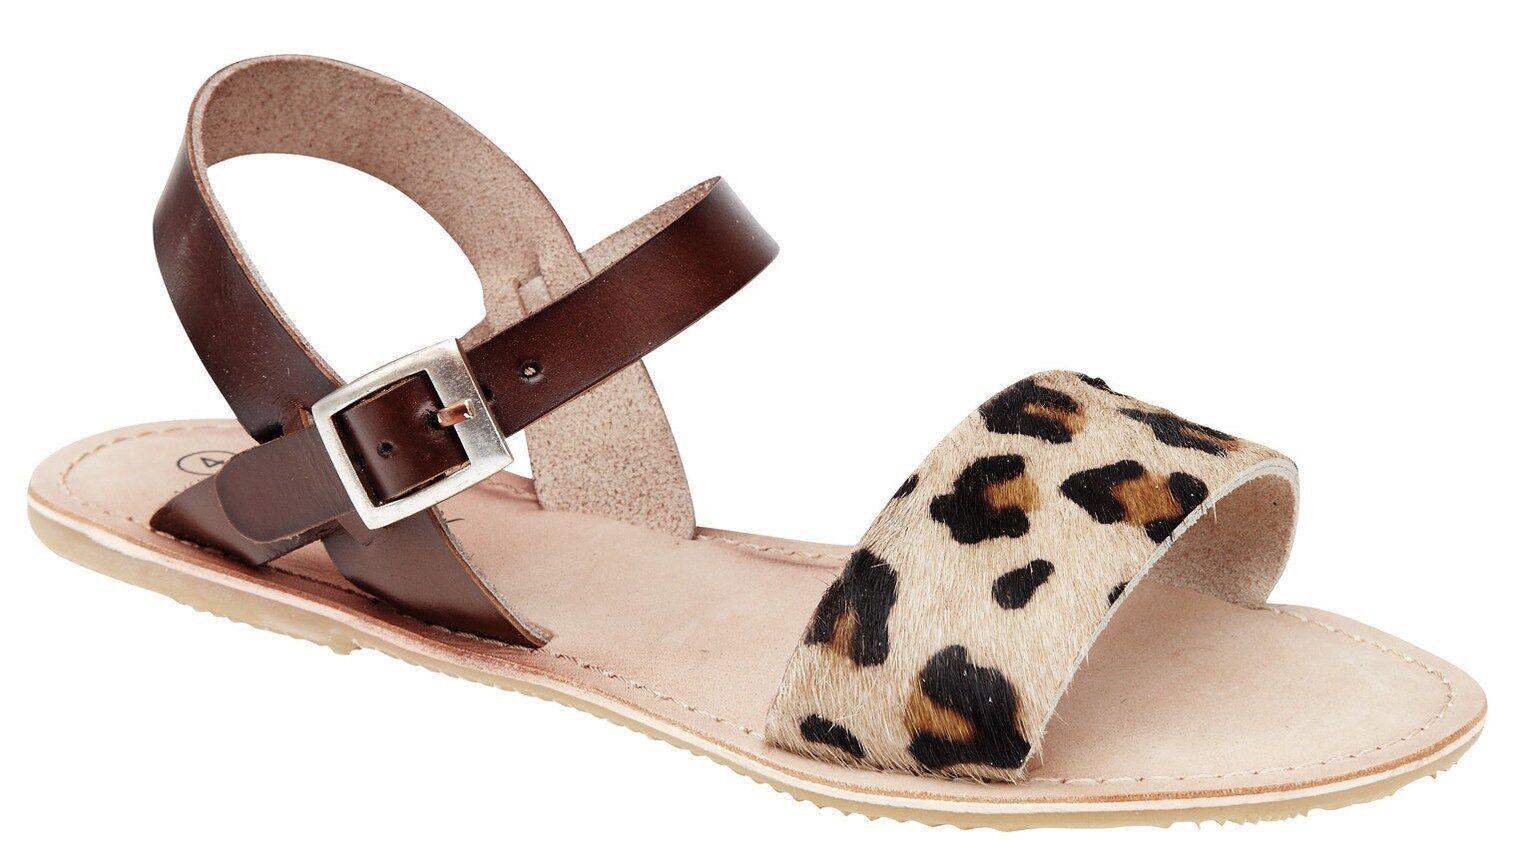 Mujer Savannah Cuero Estampado Marrón Tira en Tobillo Estampado Cuero Leopardo DELANTERO ff6a83